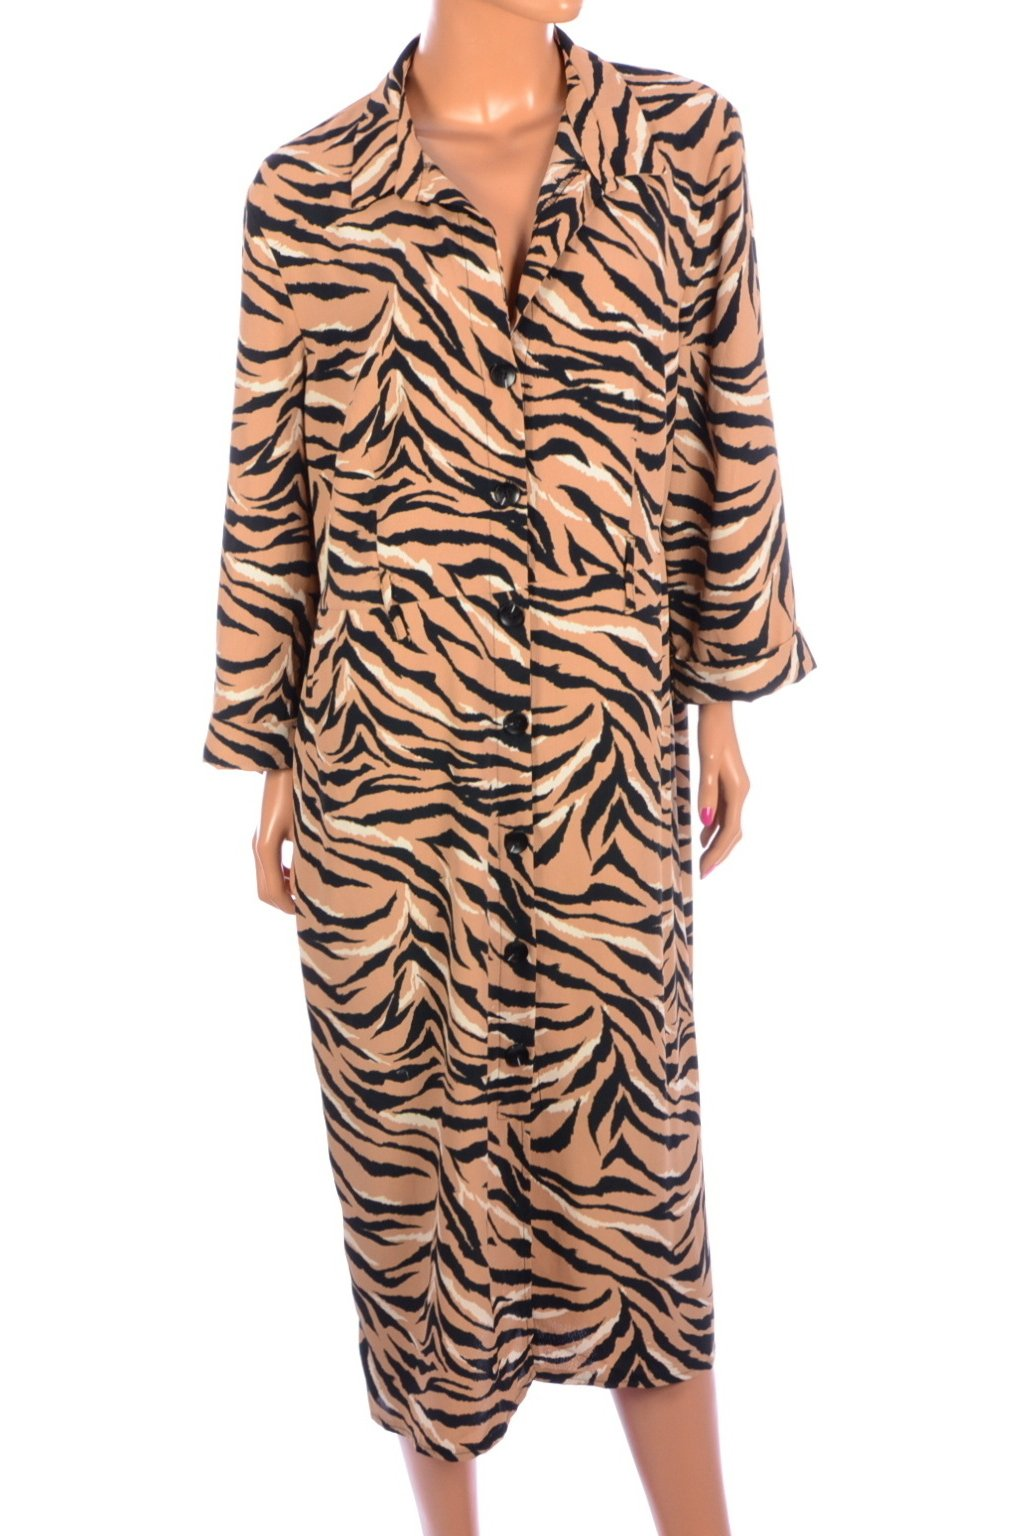 Šaty hnědé Primark zvířecí vzor vel. 48 / uk 20 /  L - XL